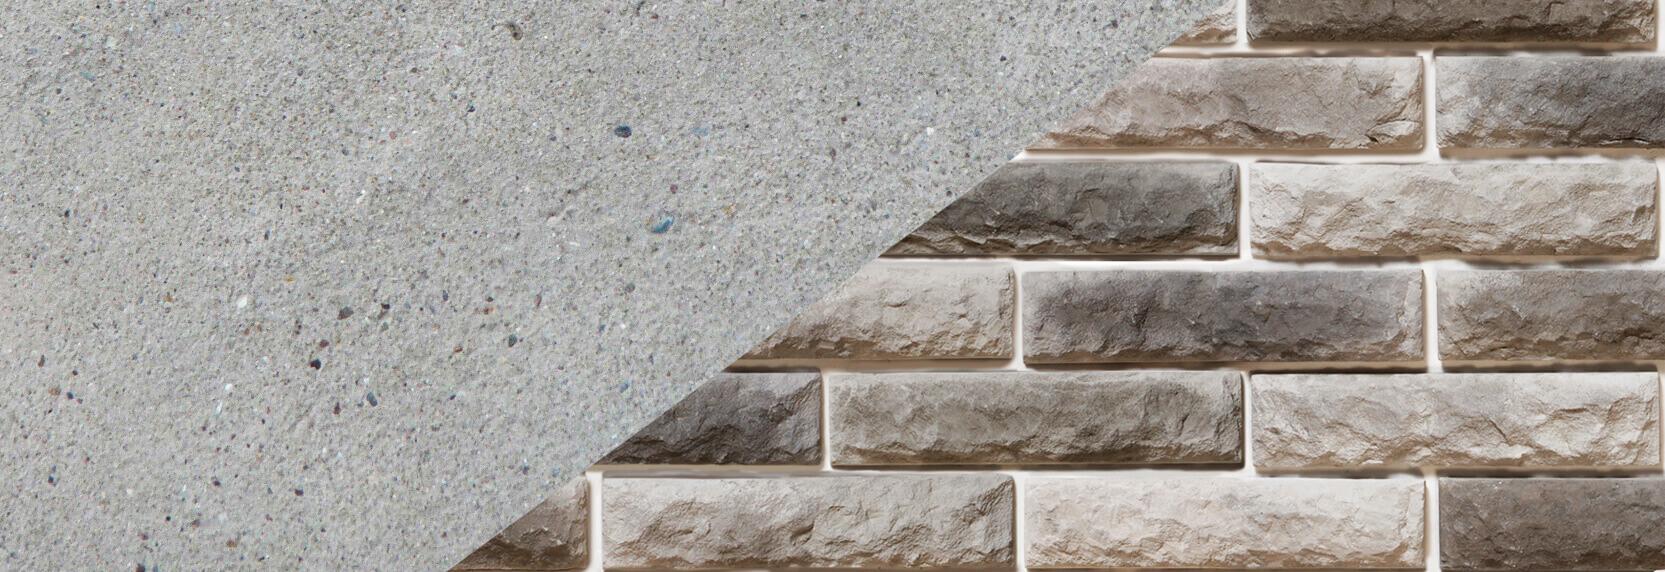 Краска для бетона - свежая идея!